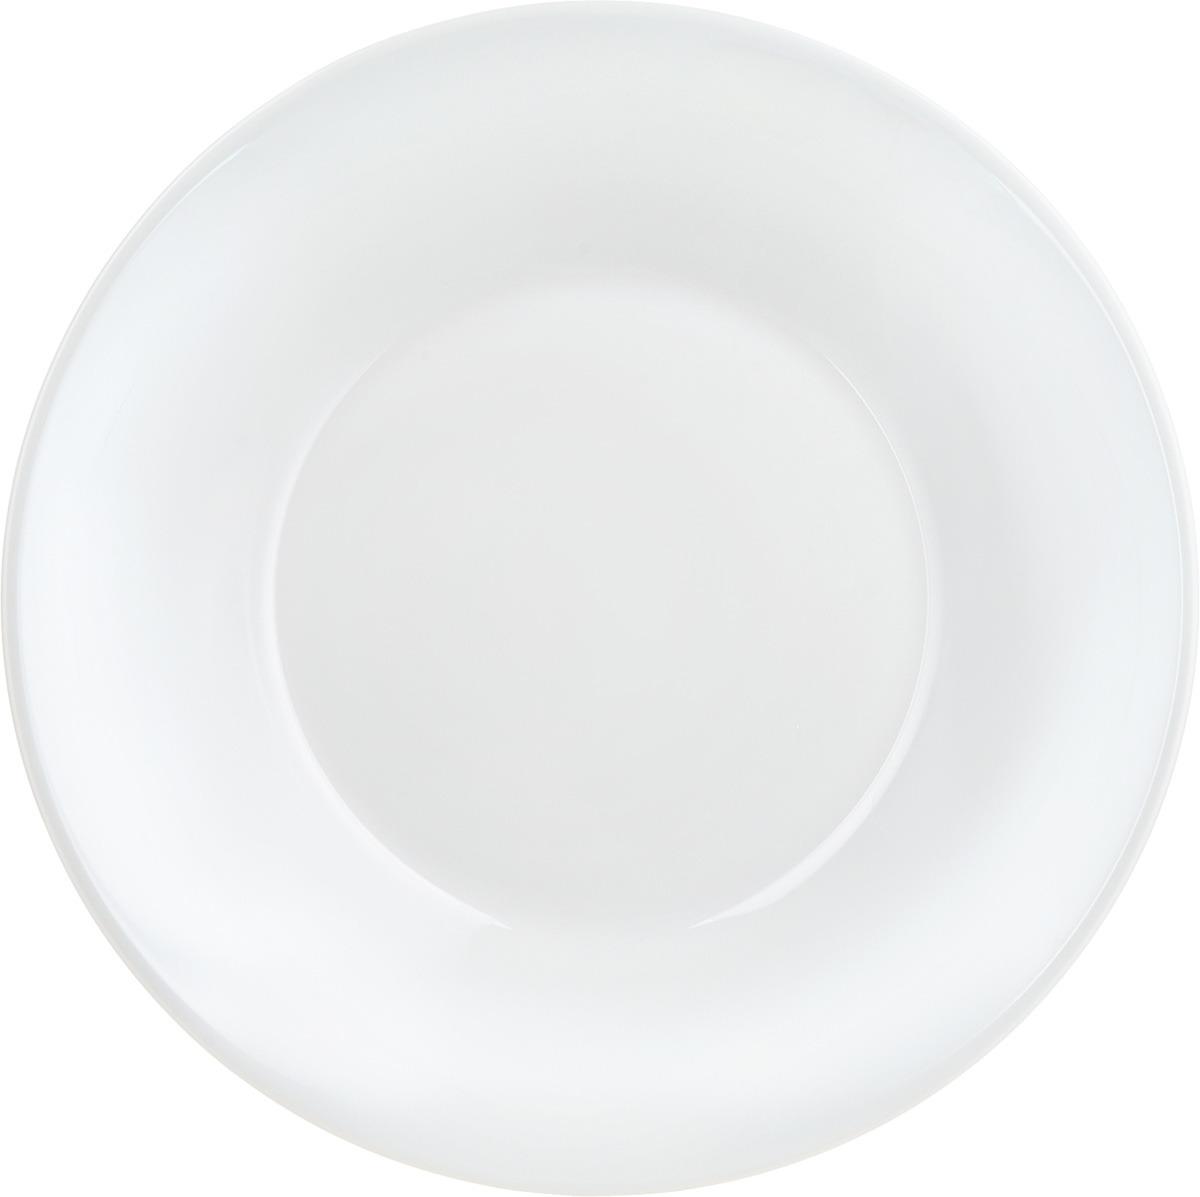 где купить Тарелка глубокая Luminarc Ализе Гранит, L7074, диаметр 23 см дешево